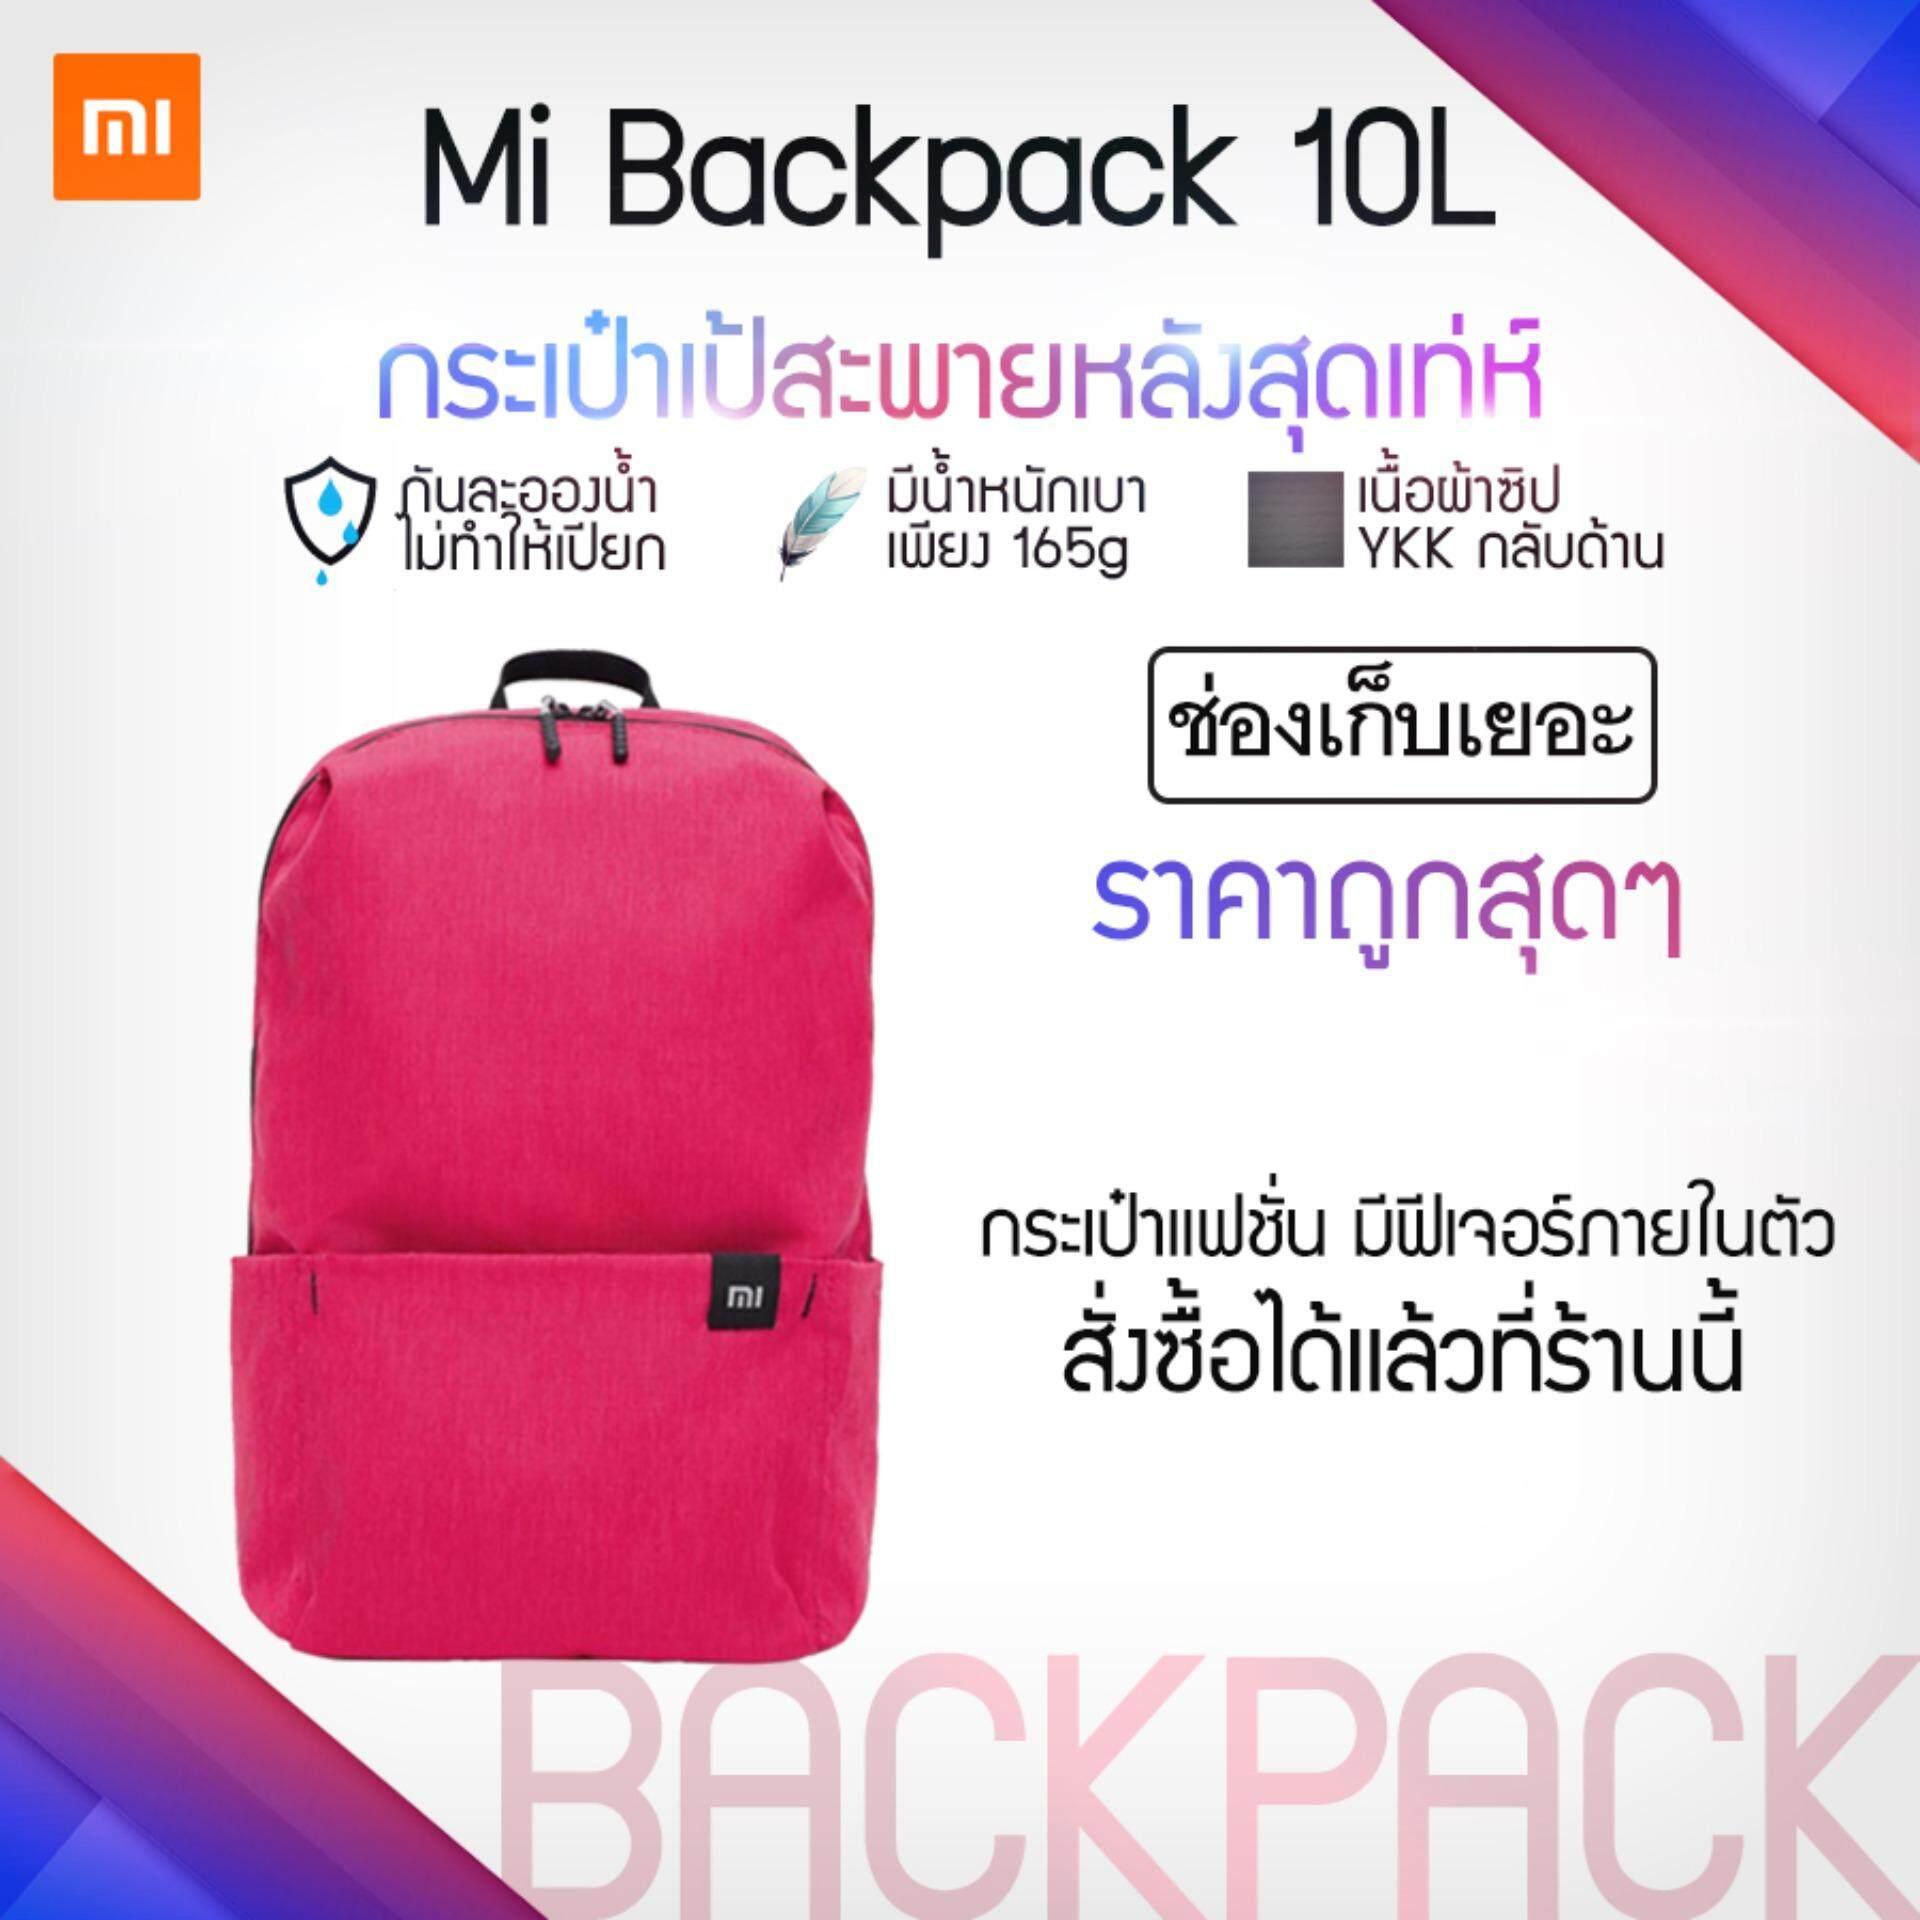 กระเป๋าถือ นักเรียน ผู้หญิง วัยรุ่น ระนอง Xiaomi 10L backpack กระสะพายหลัง กระเป๋าเป้ สีสันสวยงาม